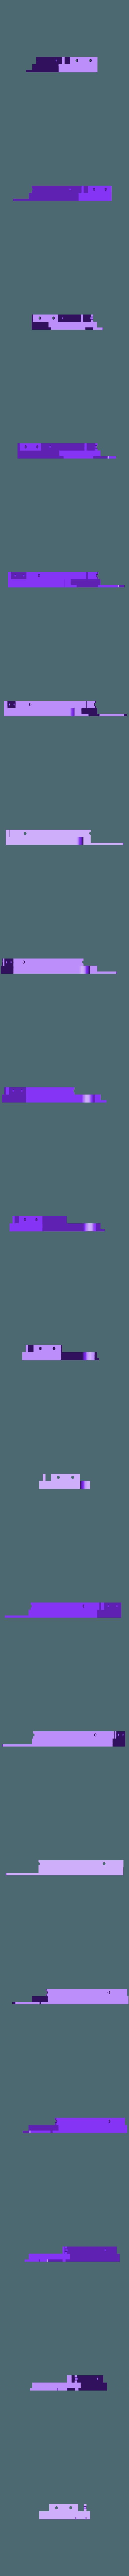 Boxes_BottomRight.stl Télécharger fichier STL gratuit Anet A8 Renforcement de structure • Modèle à imprimer en 3D, Israel_OE